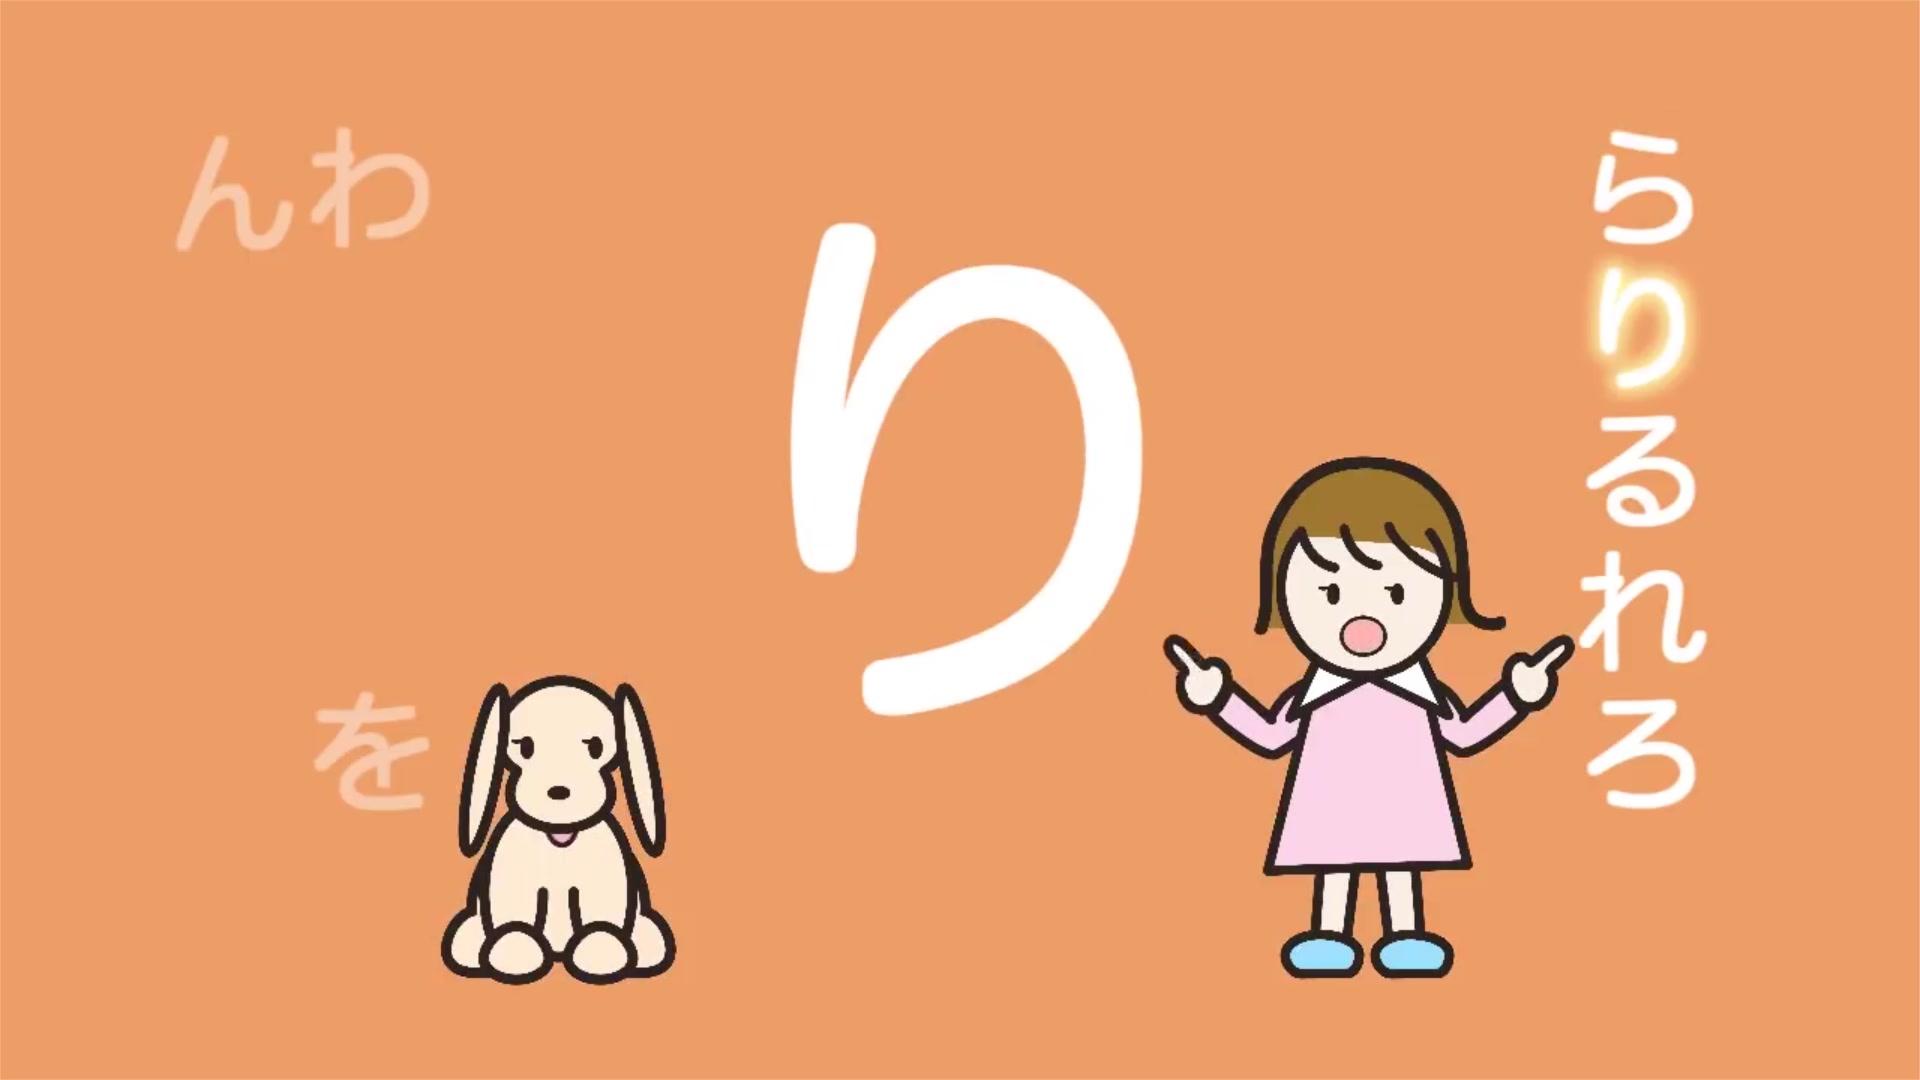 日本小朋友用这3个洗脑视频学五十音、数字、星期几太可爱了吧!